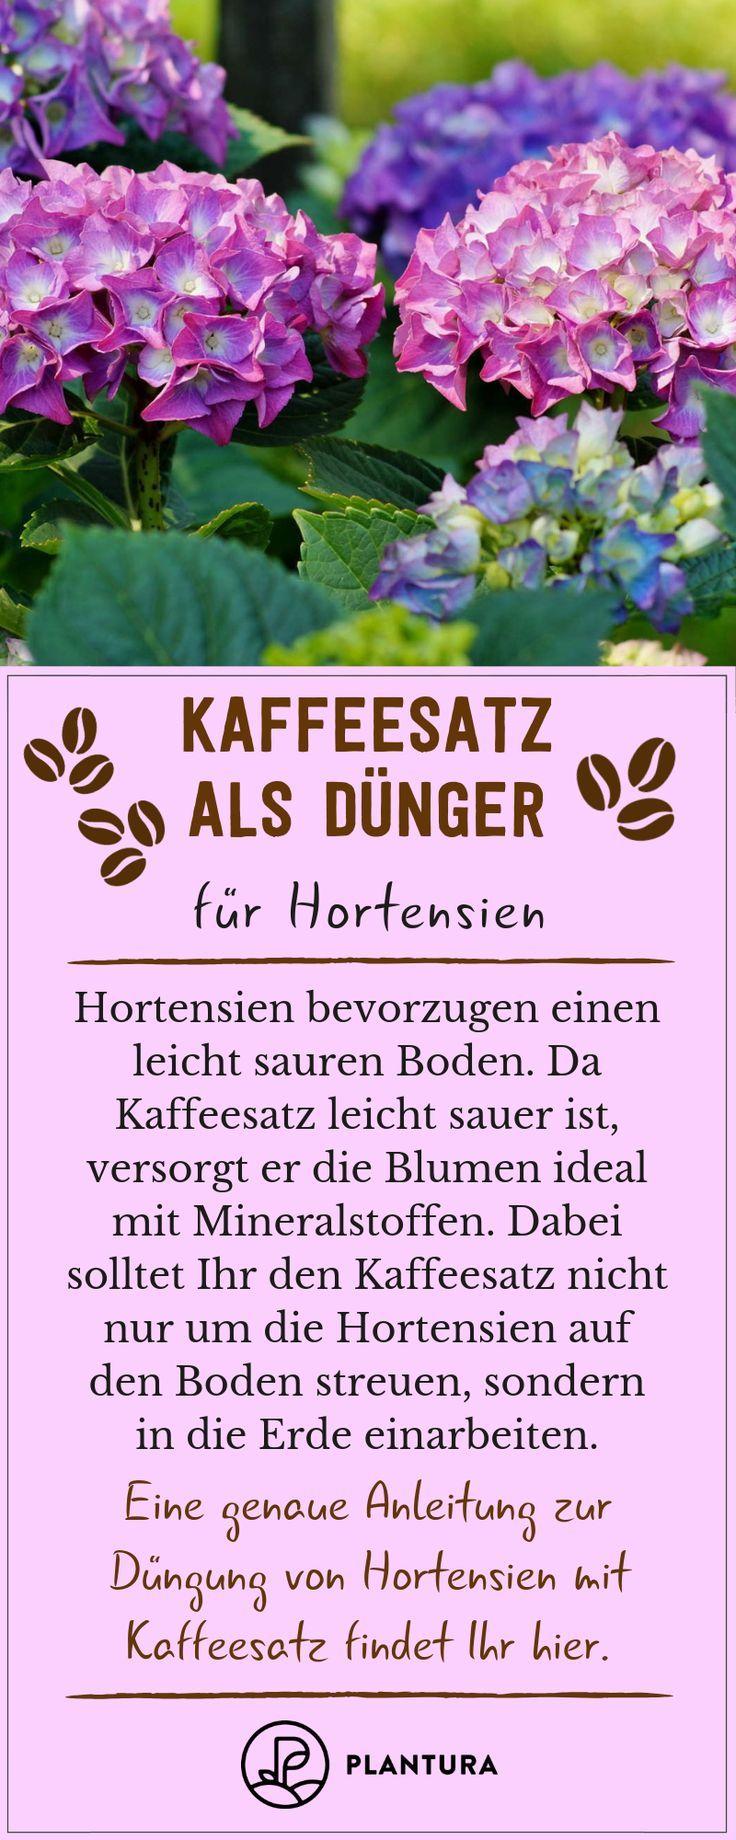 Kaffeesatz als Dünger: Verwendung & Vorteile - Plantura